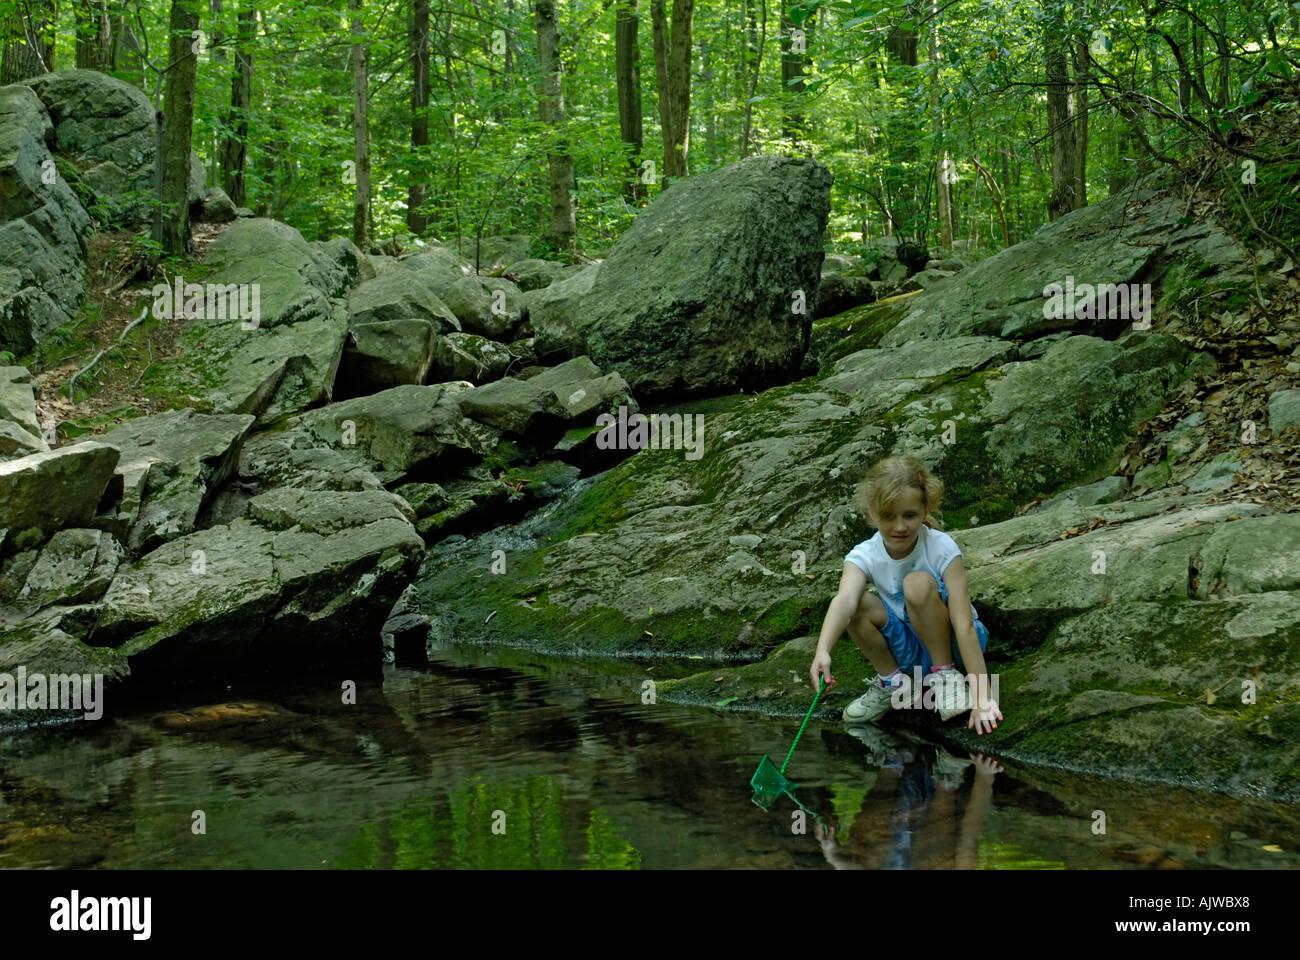 Jeune fille avec net à la recherche d'attraper des grenouilles ou des poissons dans un ruisseau dans les bois Photo Stock